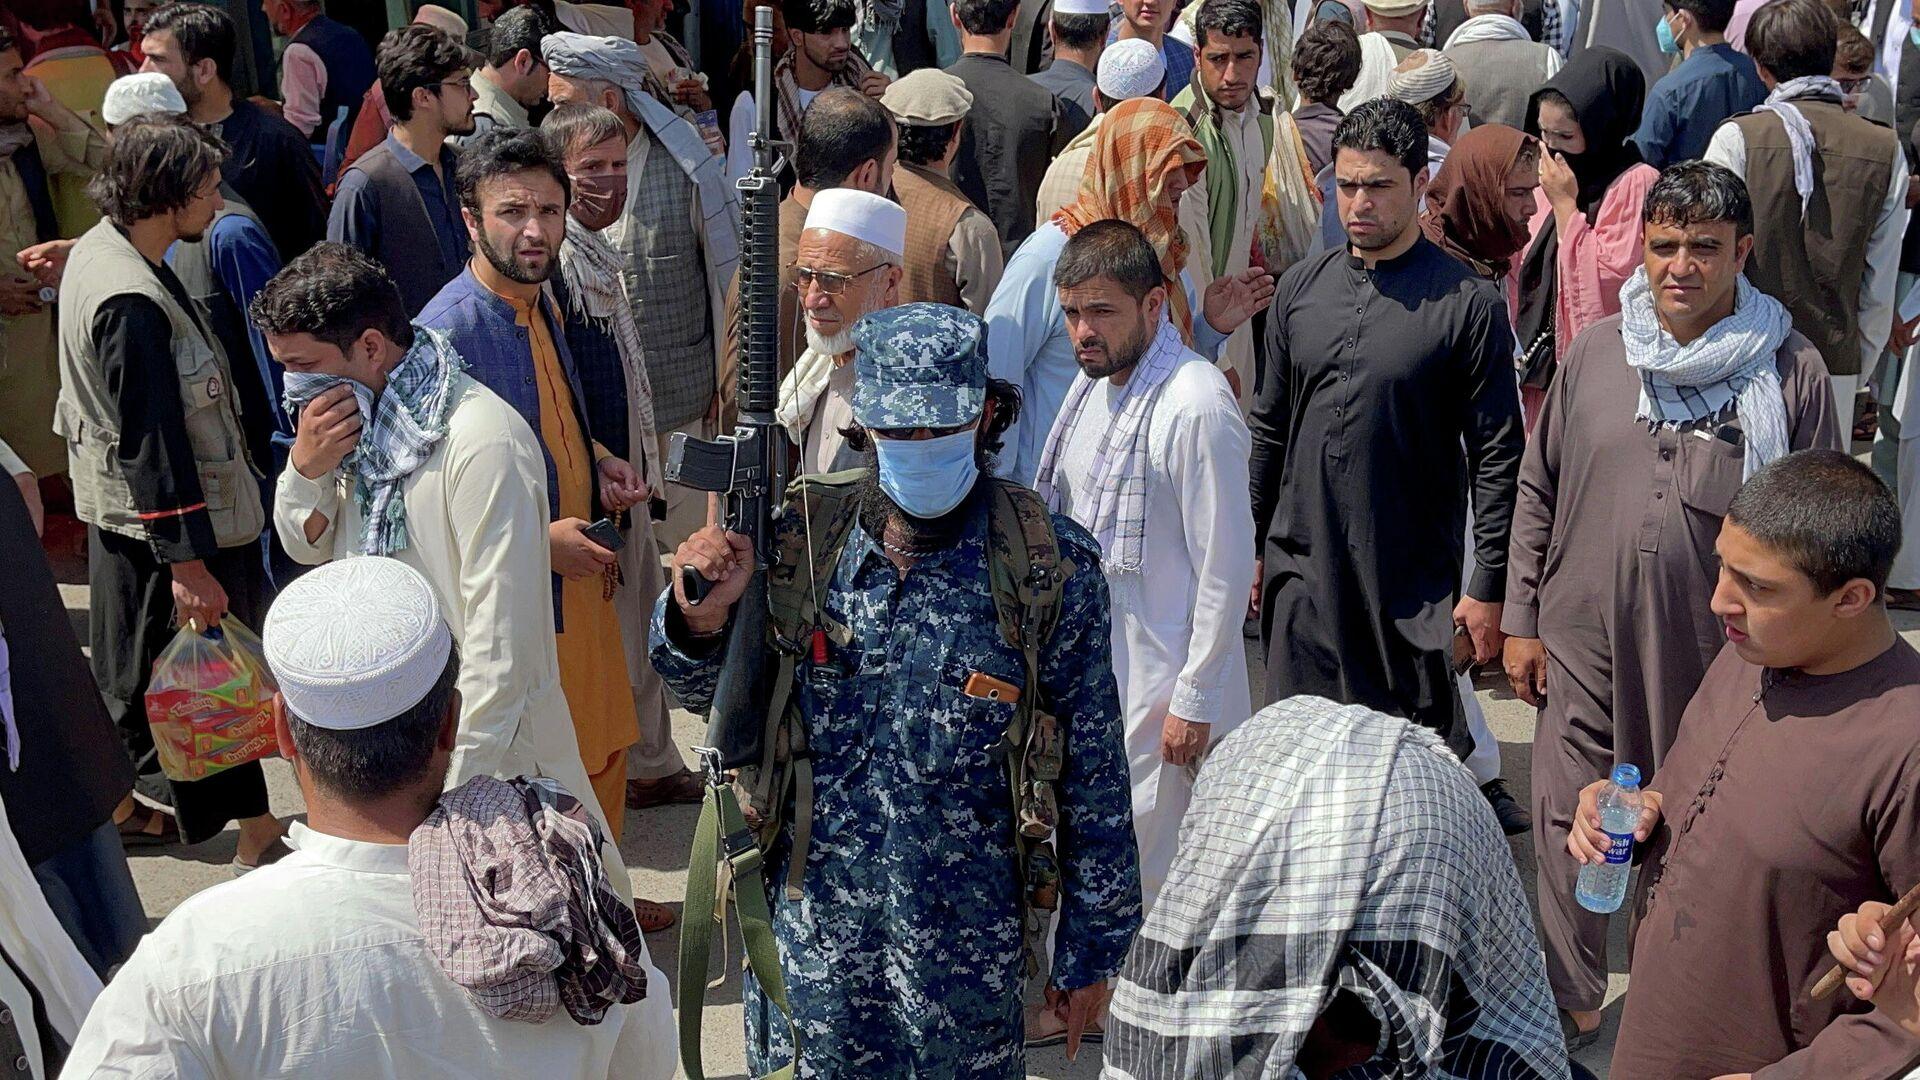 Afganistan başkenti Kabil'de sokaktaki kalabalık arasında devriye gezen silahlı Taliban militanı - Sputnik Türkiye, 1920, 24.09.2021